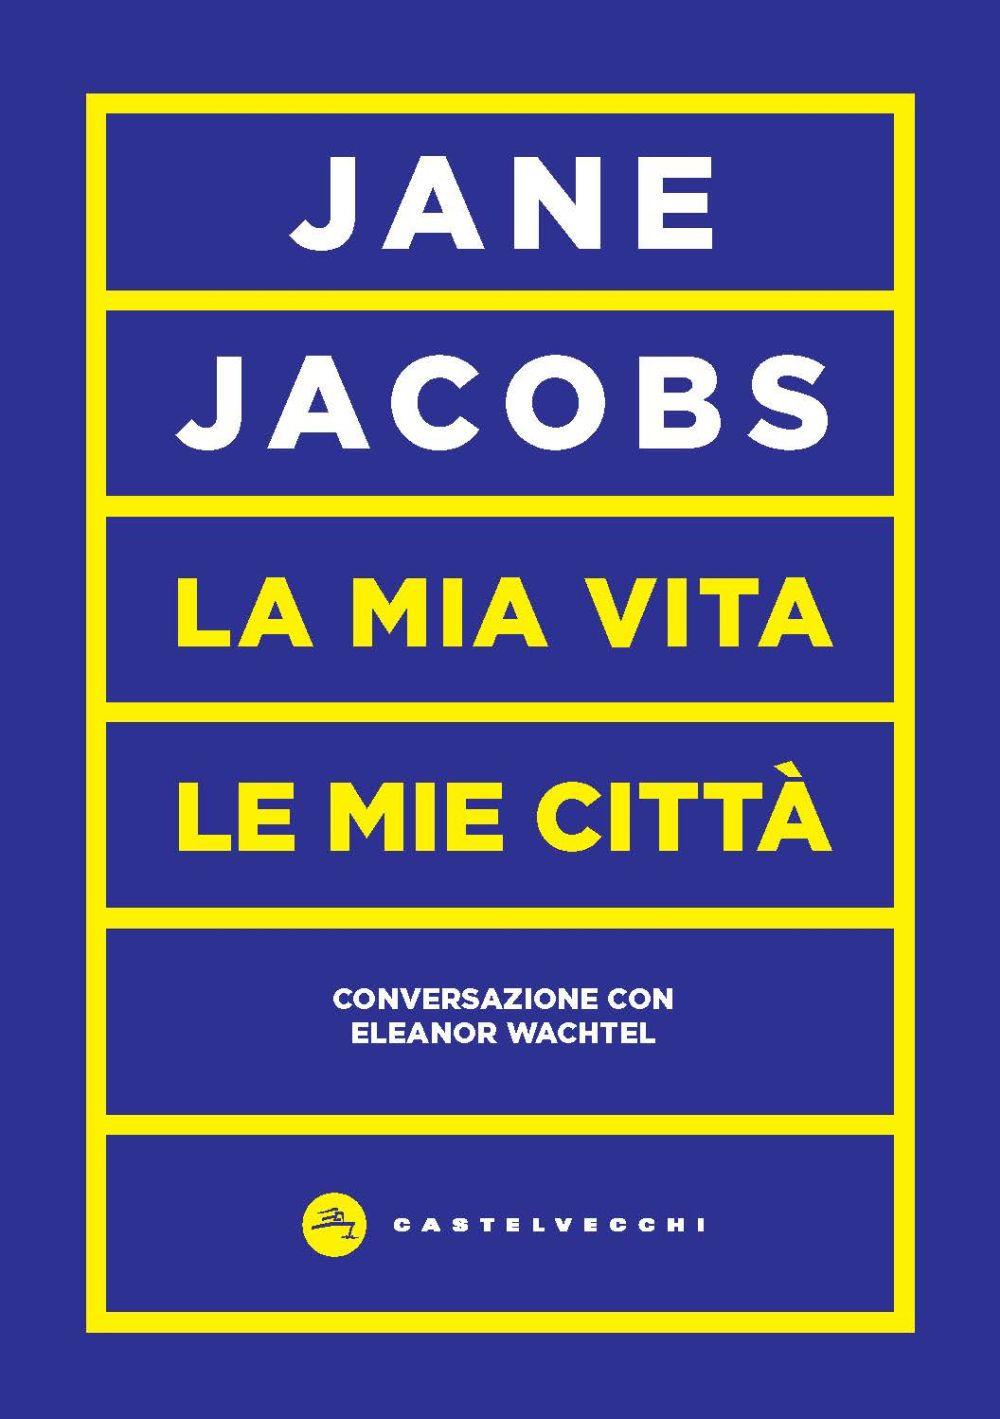 MIA VITA, LE MIE CITTÀ (LA) - Jacobs Jane - 9788832829884